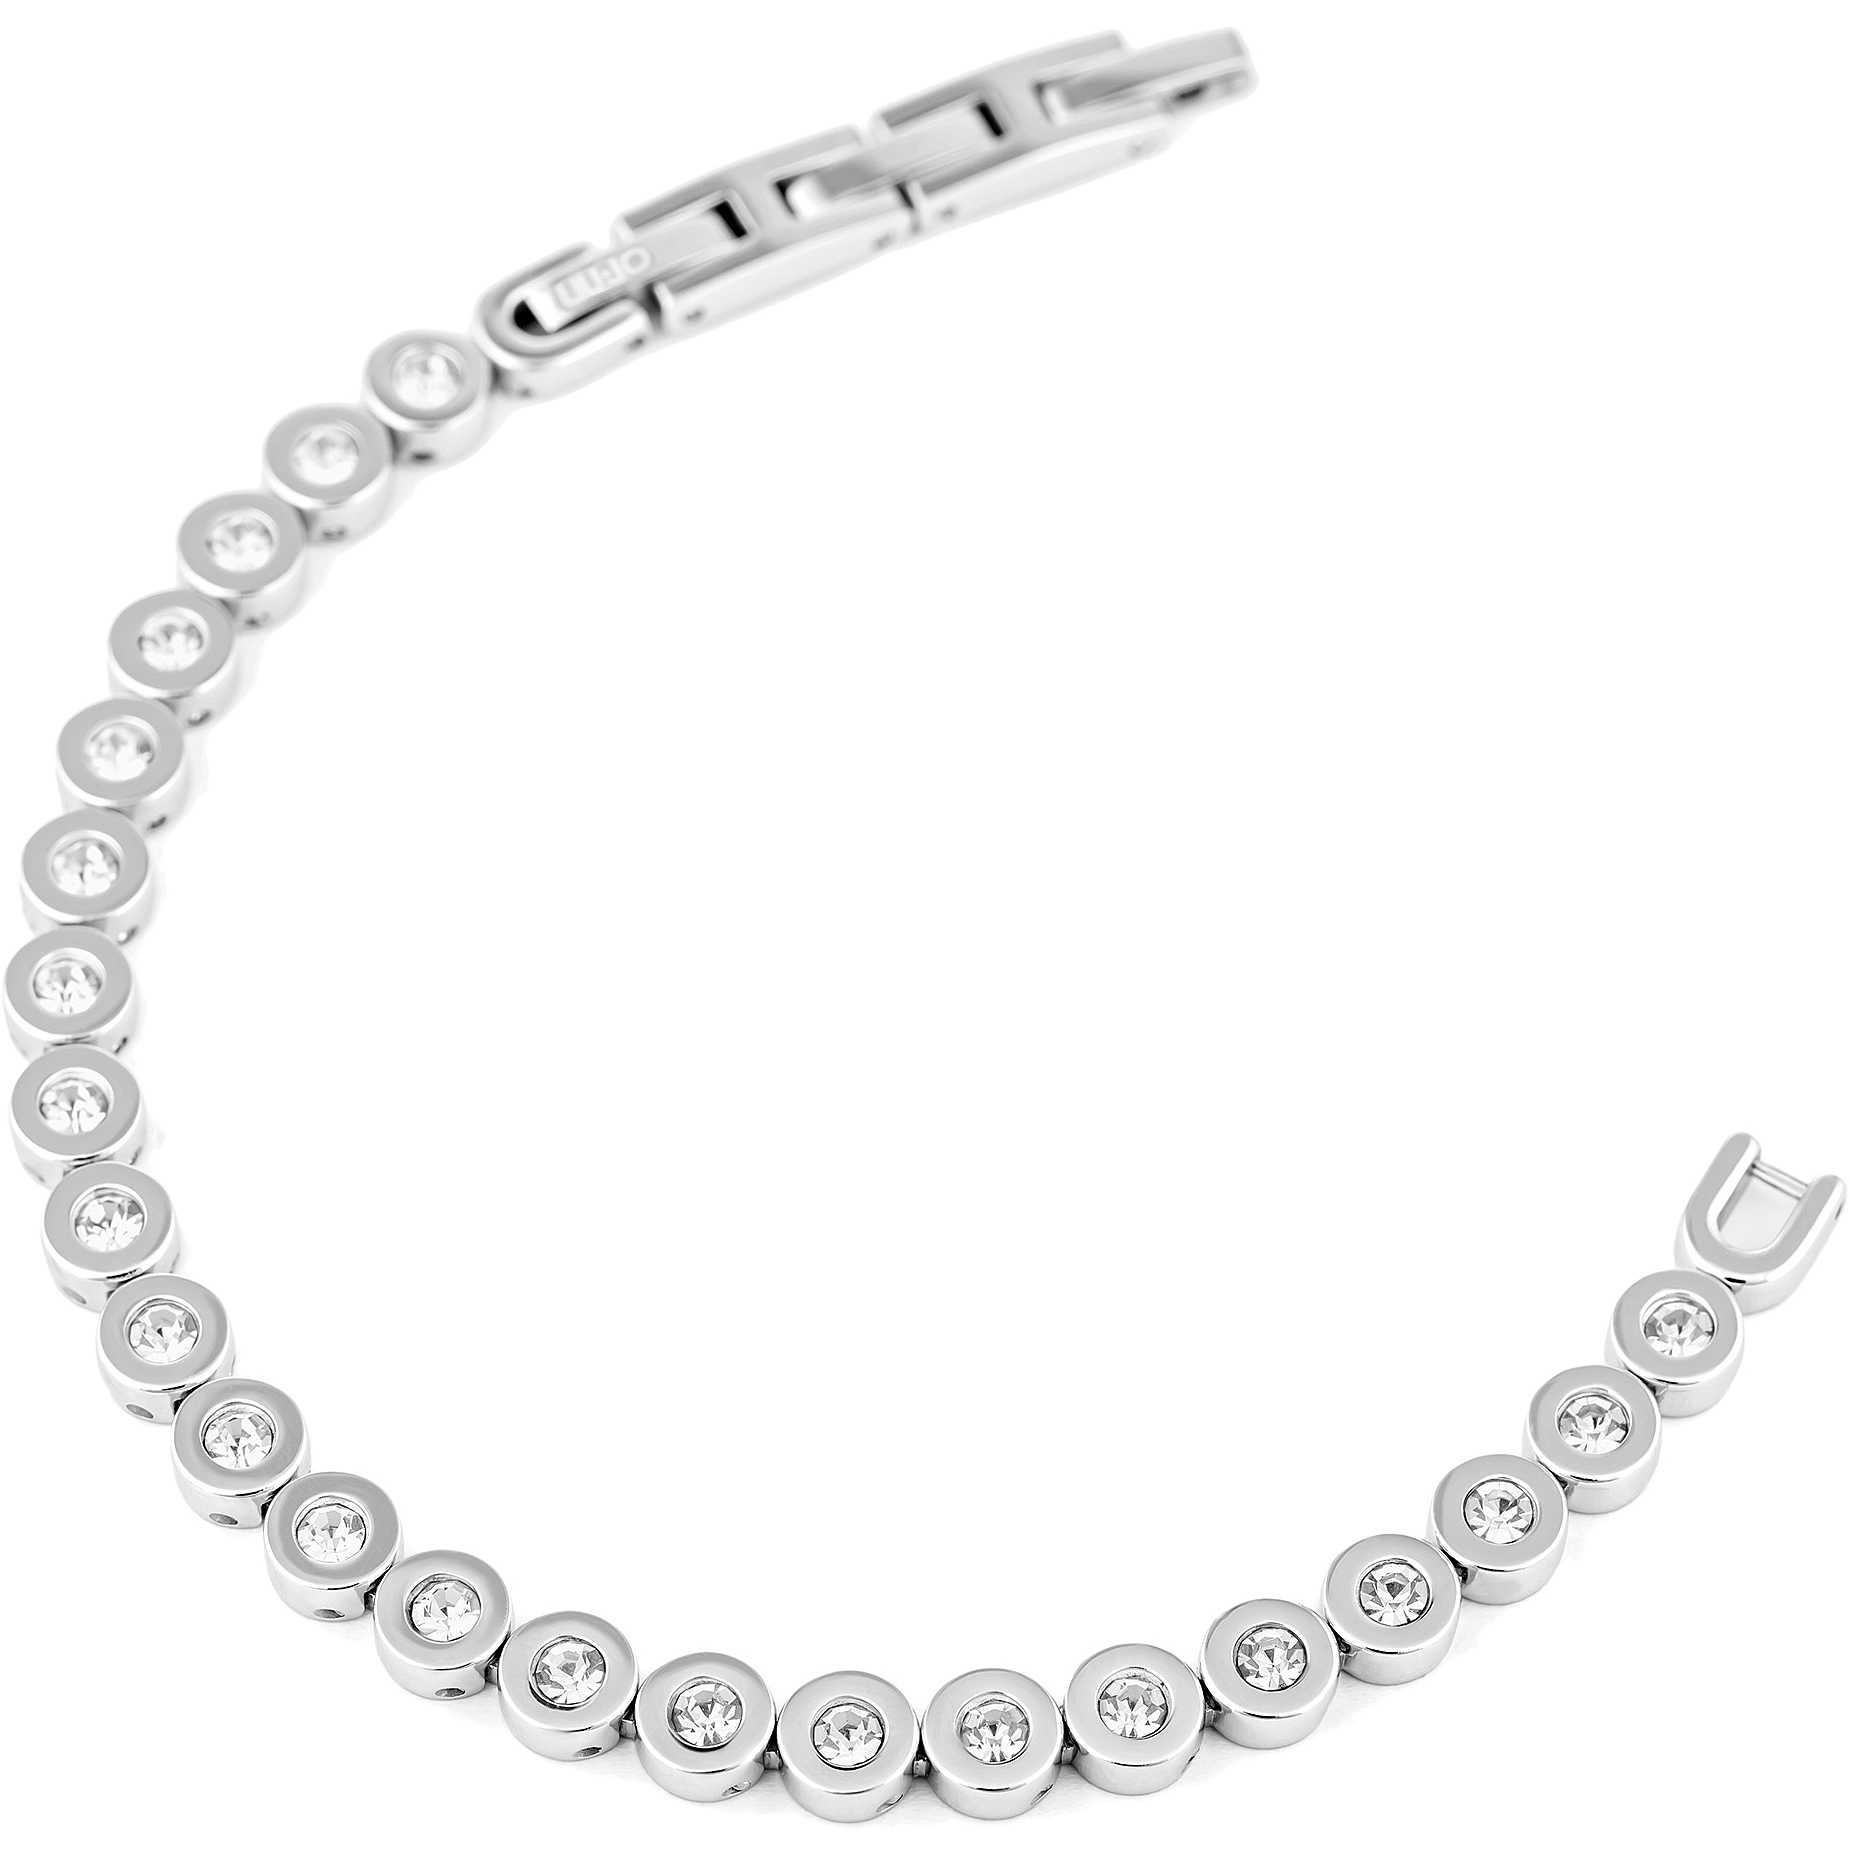 bracciale donna gioielli Liujo LJ1122 bracciali Liujo outlet b4569b113c4